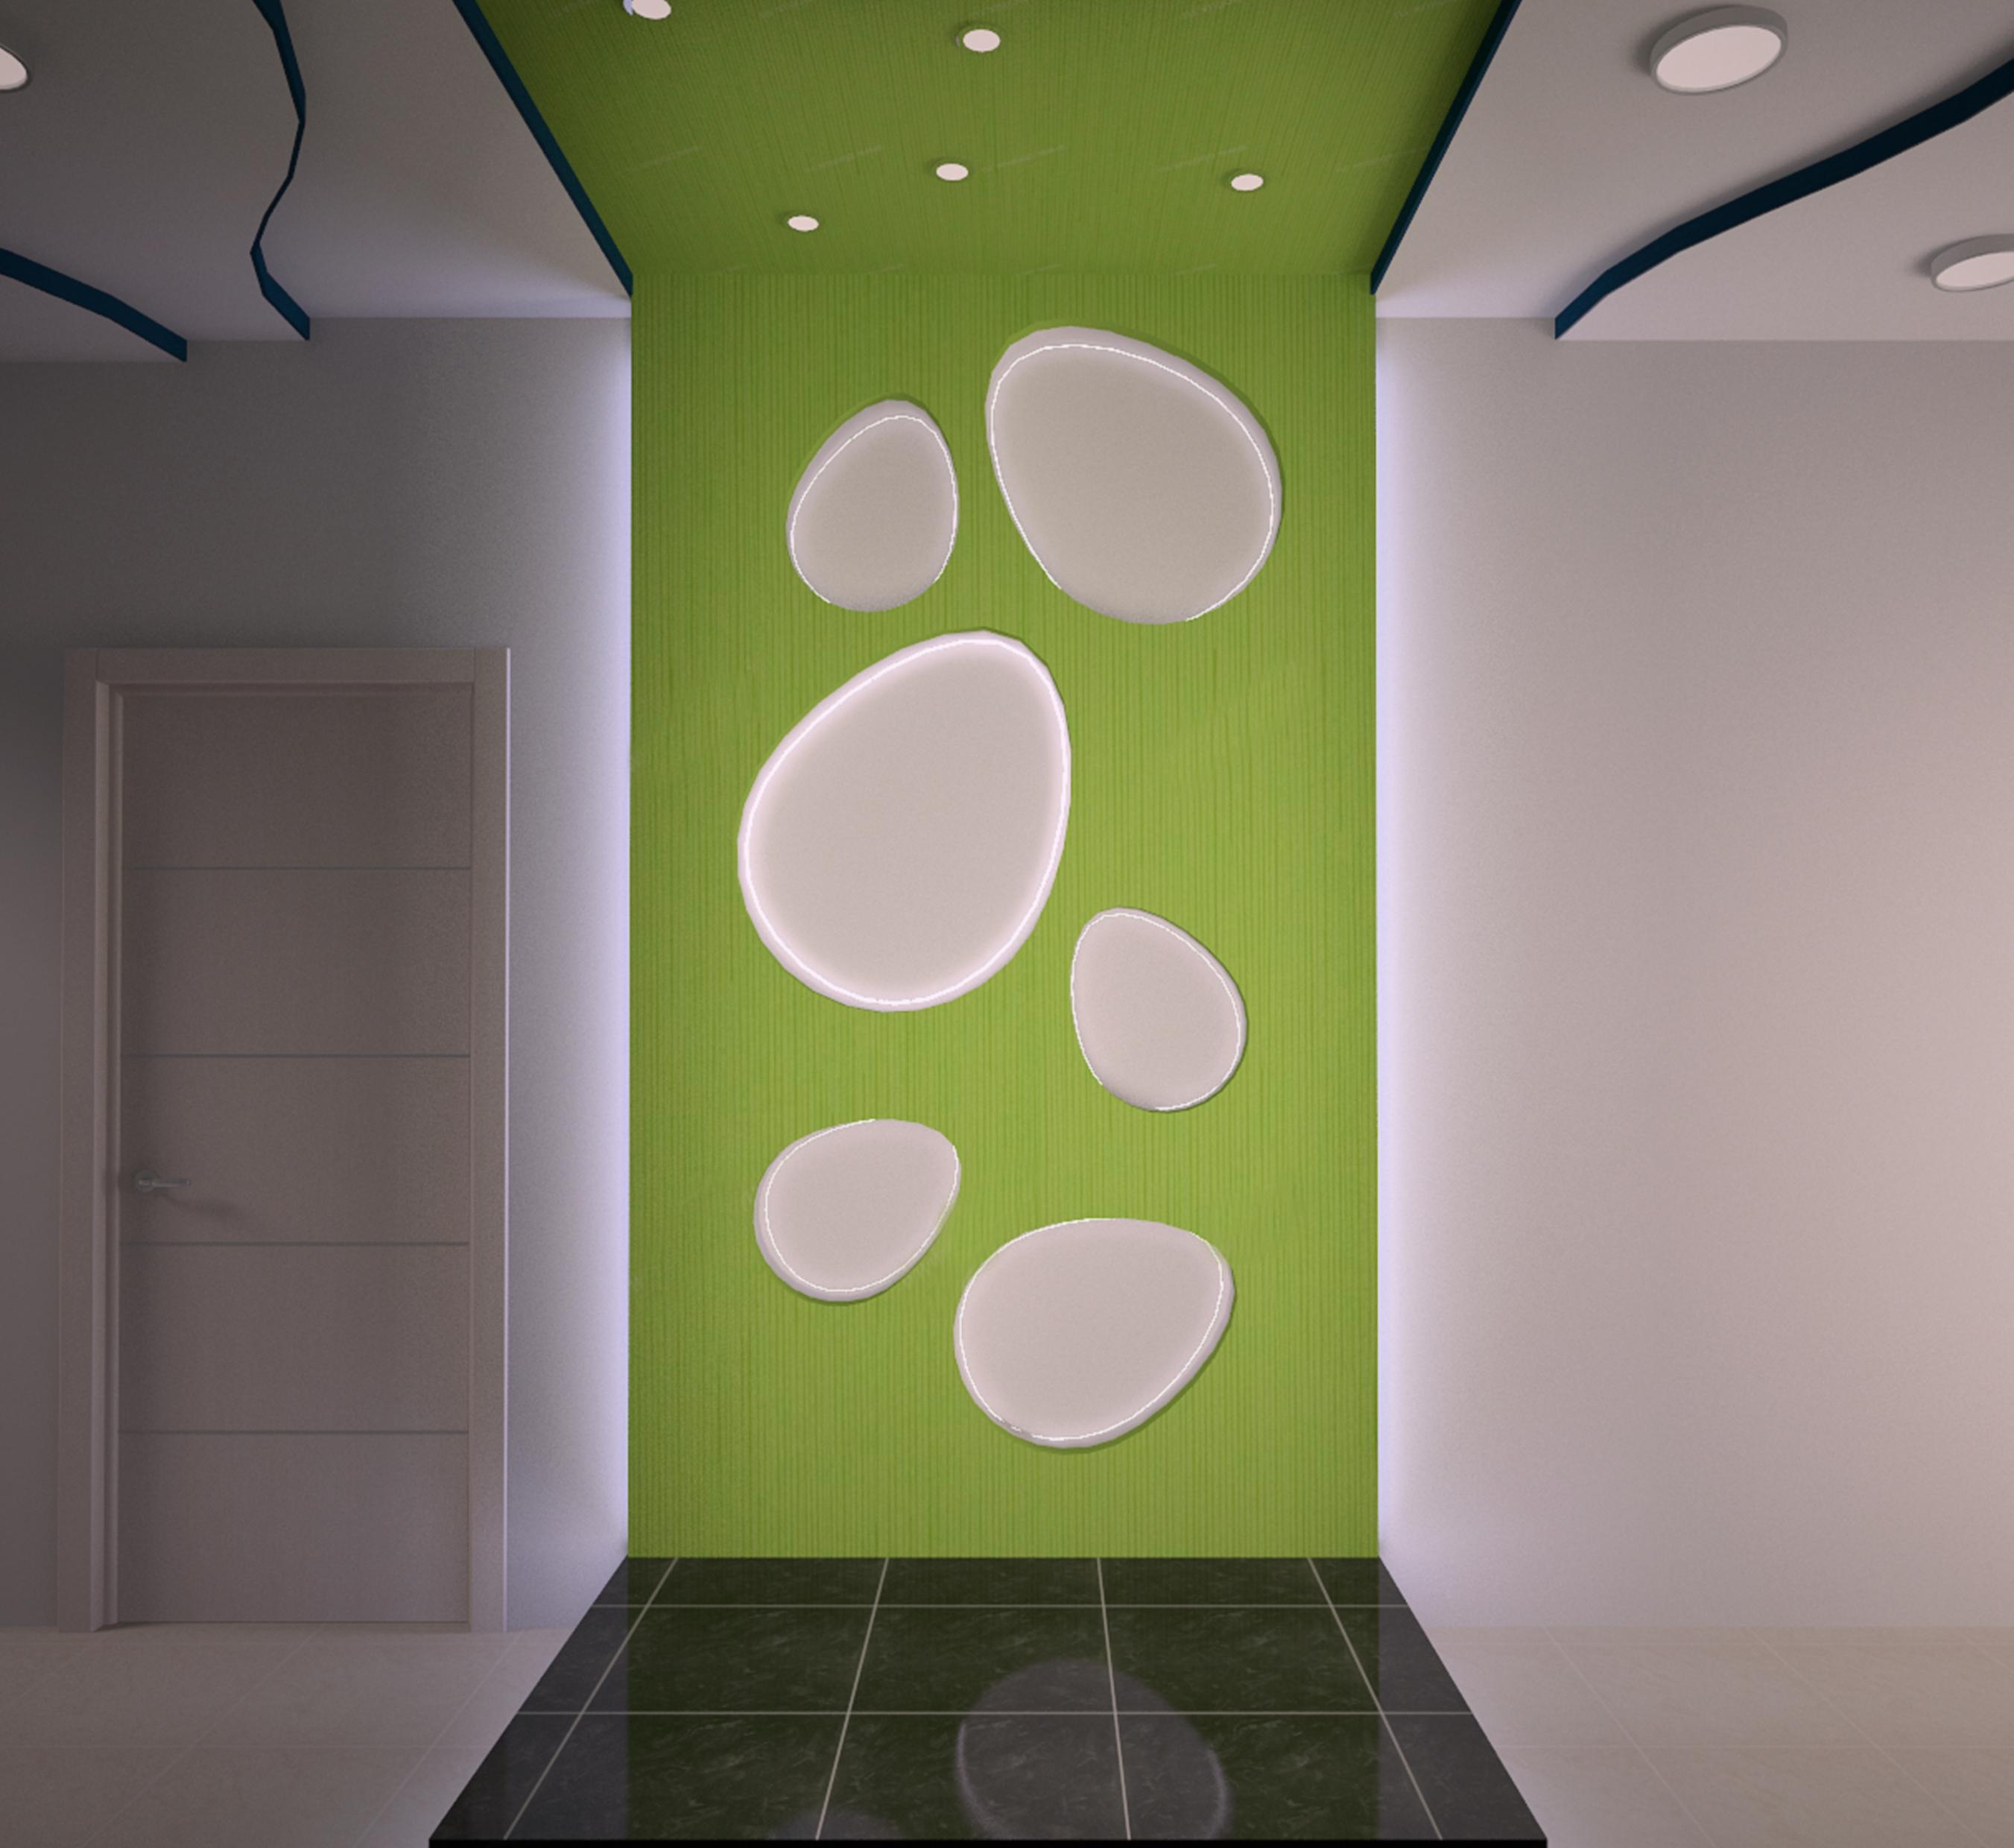 дизайн интерьера зубной клиники